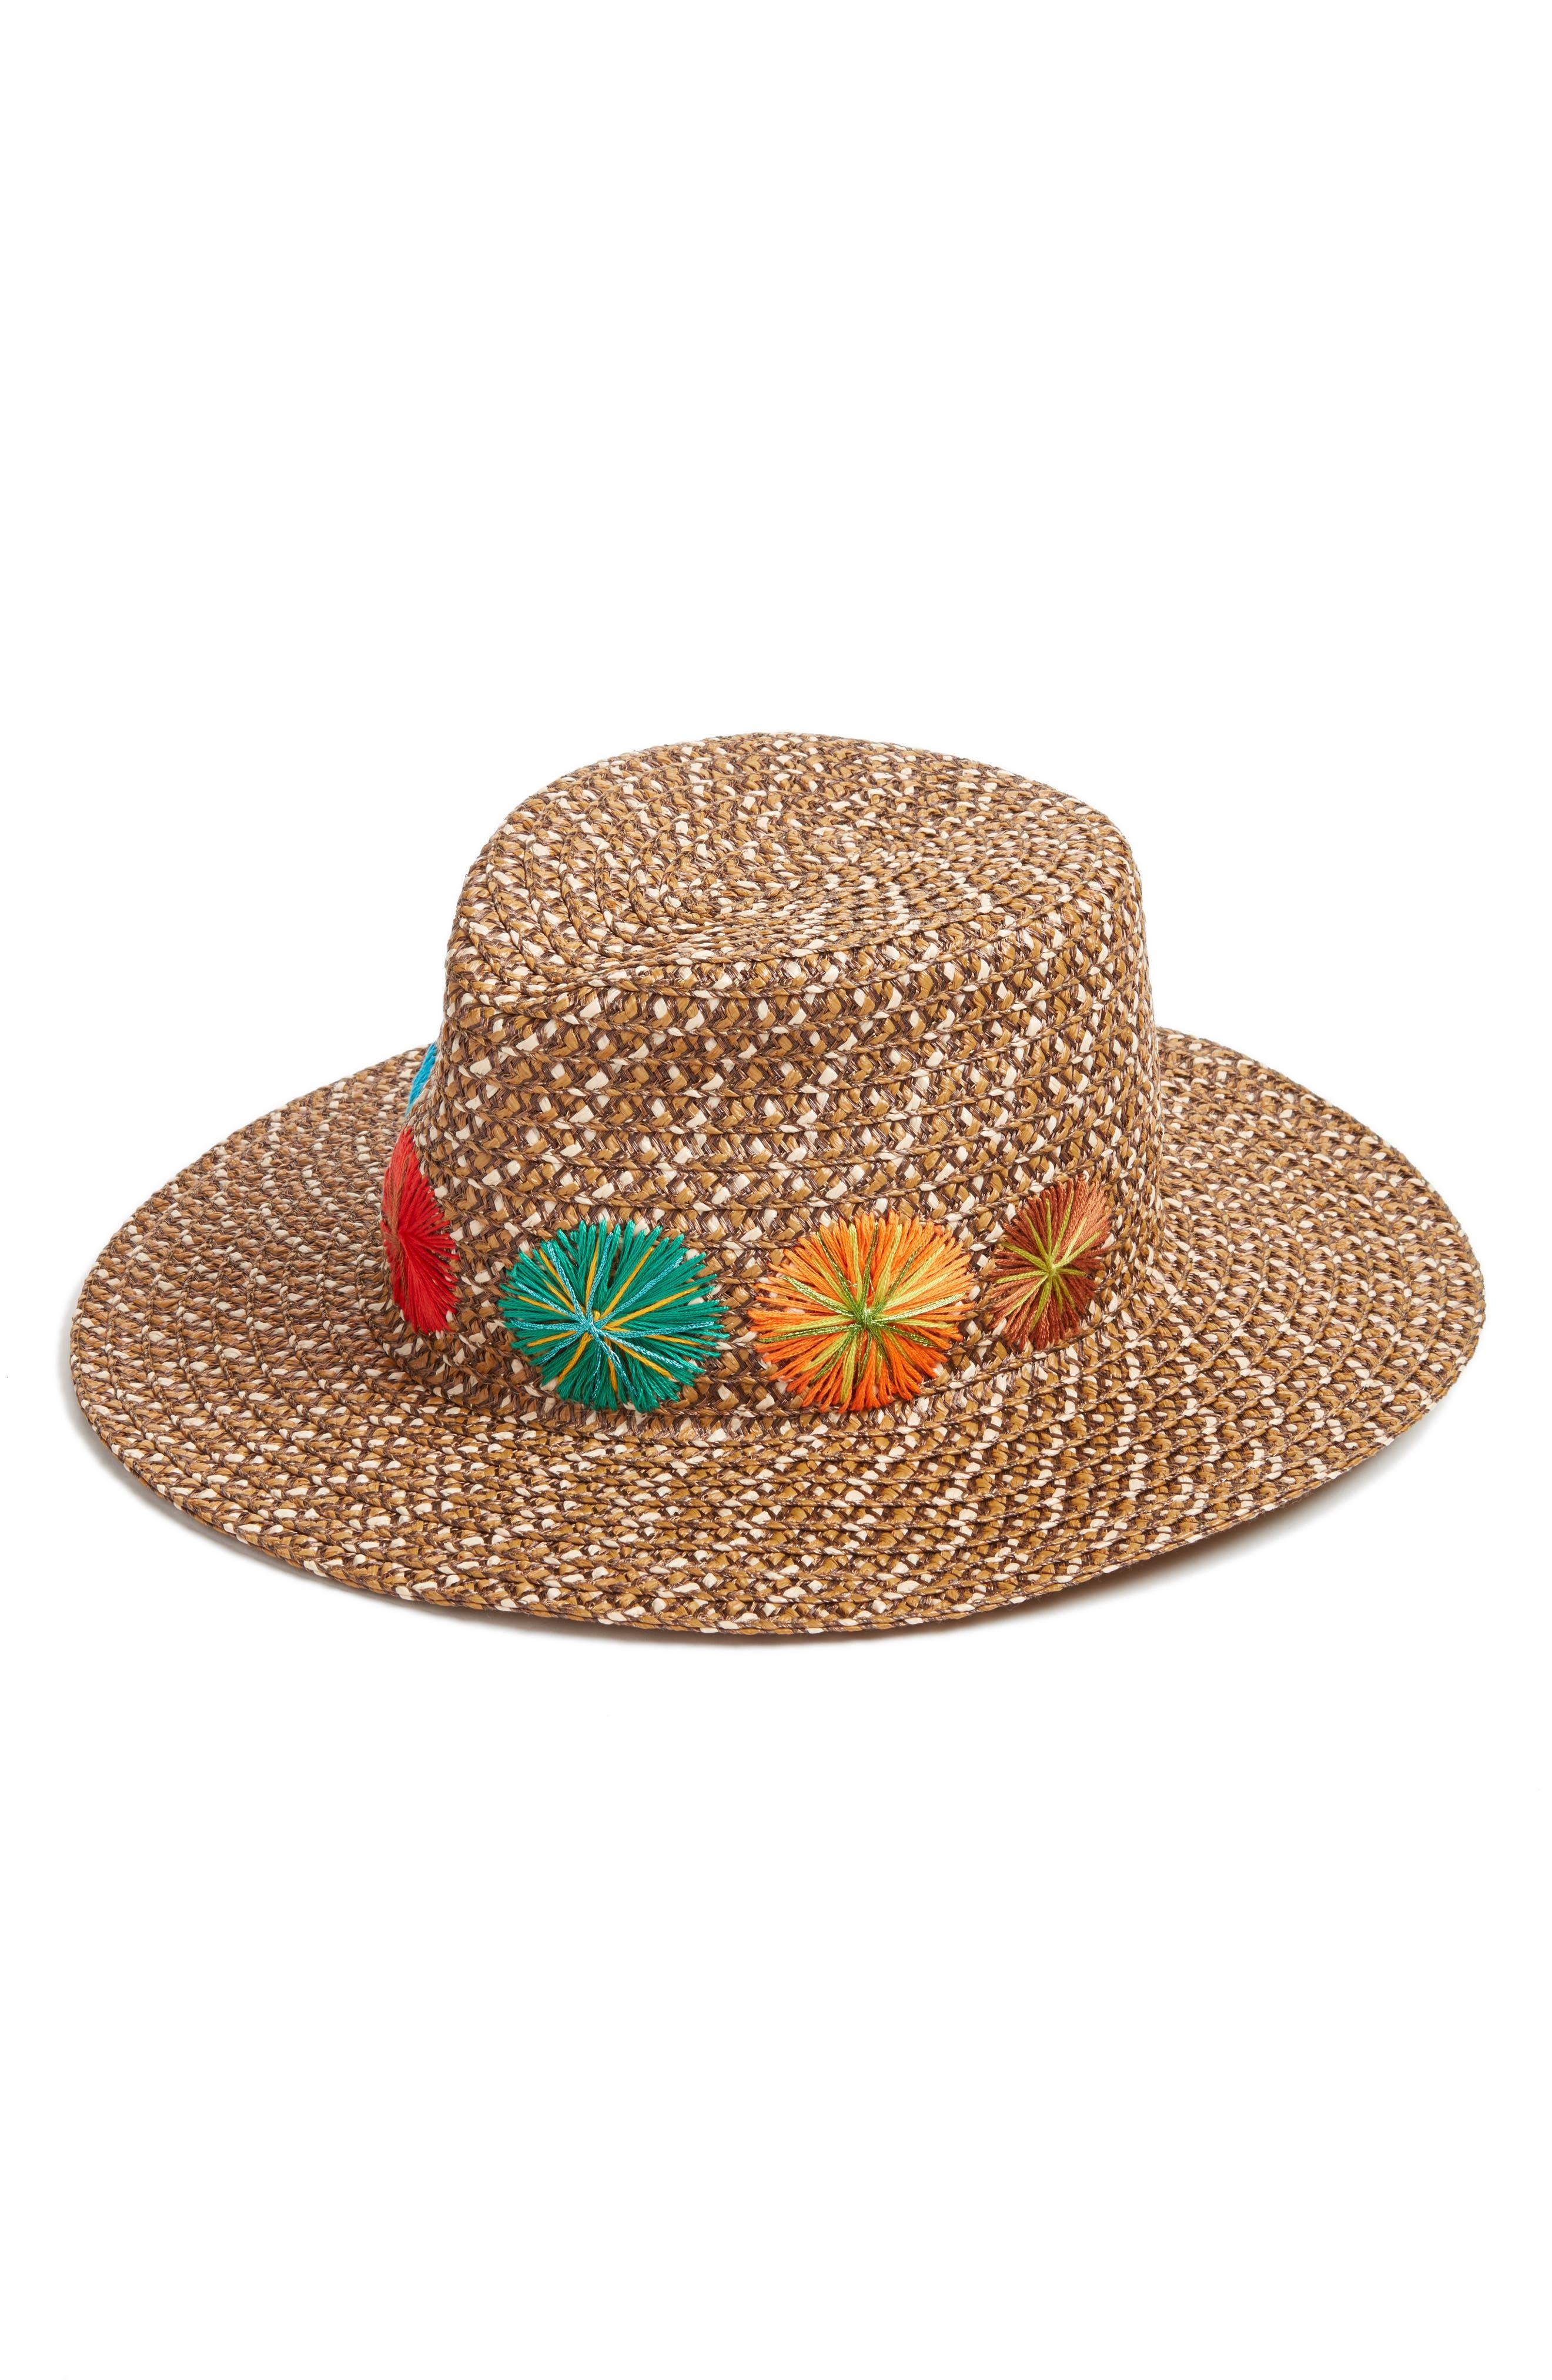 Eric Javits Zanzibar Packable Squishee® Hat